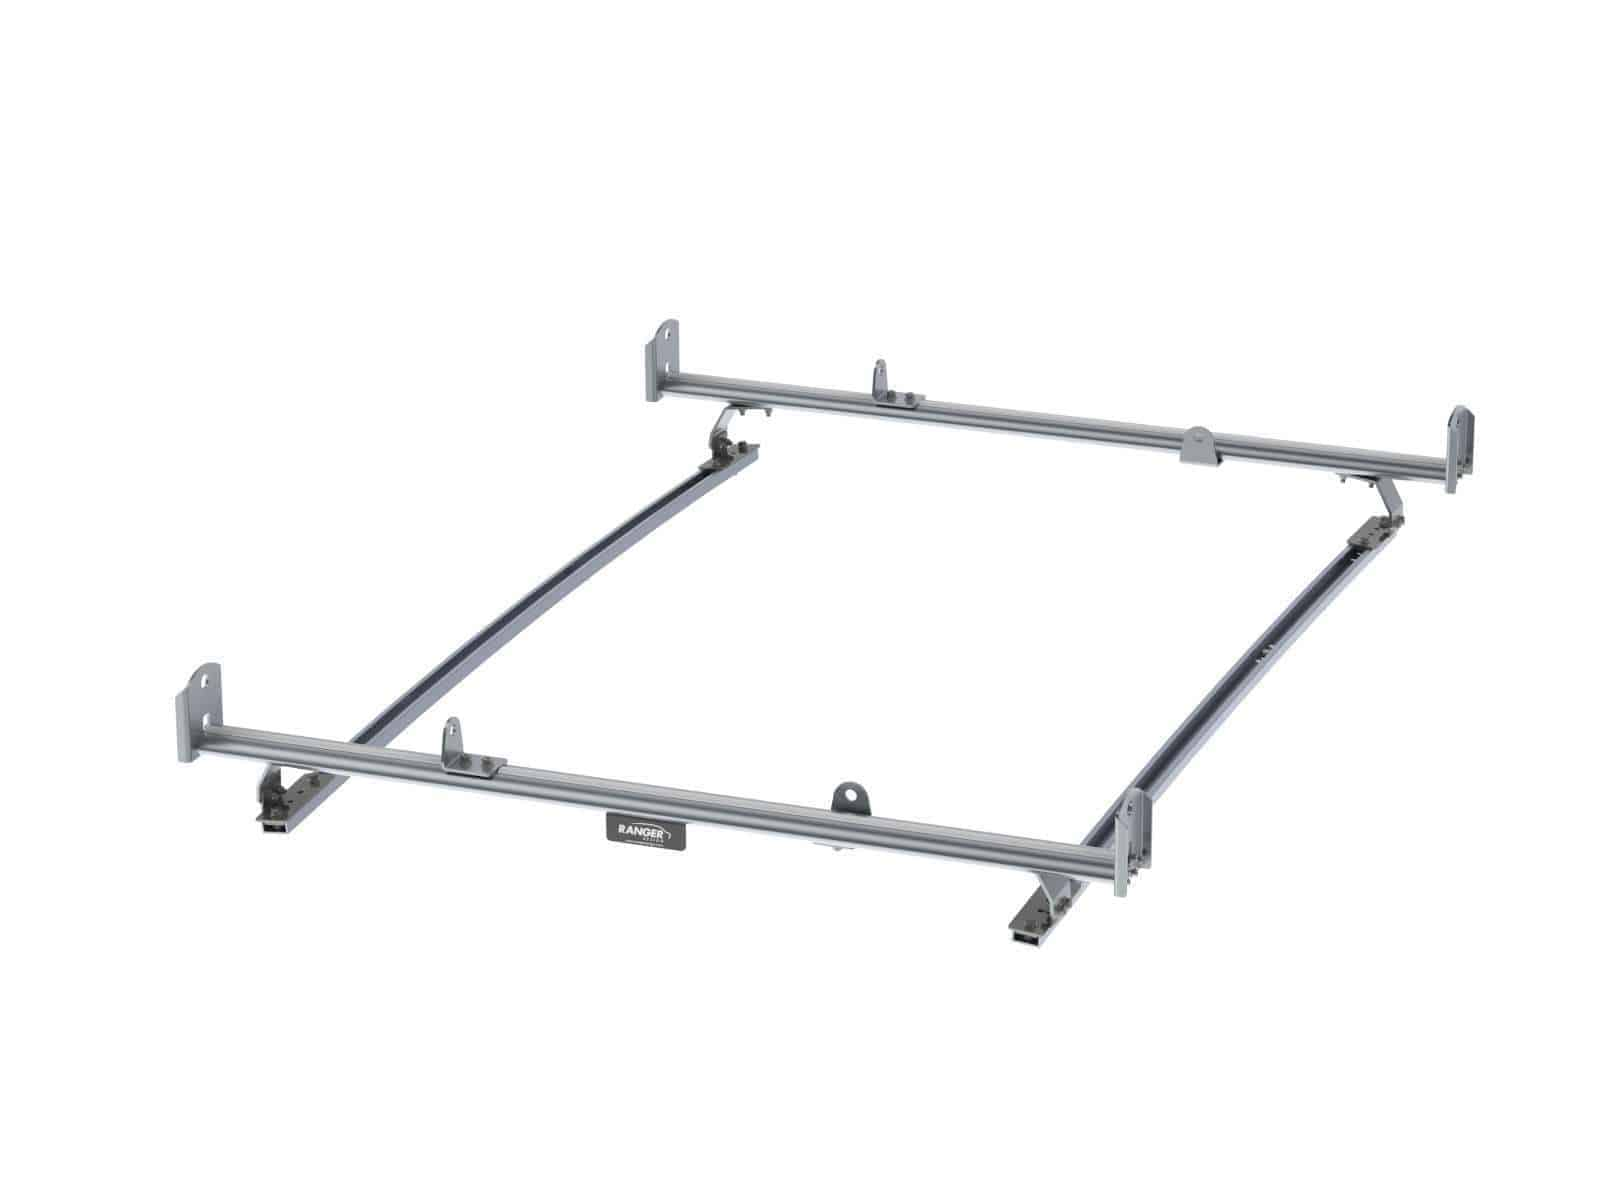 Cargo Rack For Vans Aluminum 2 Bar Nissan Nv200 City